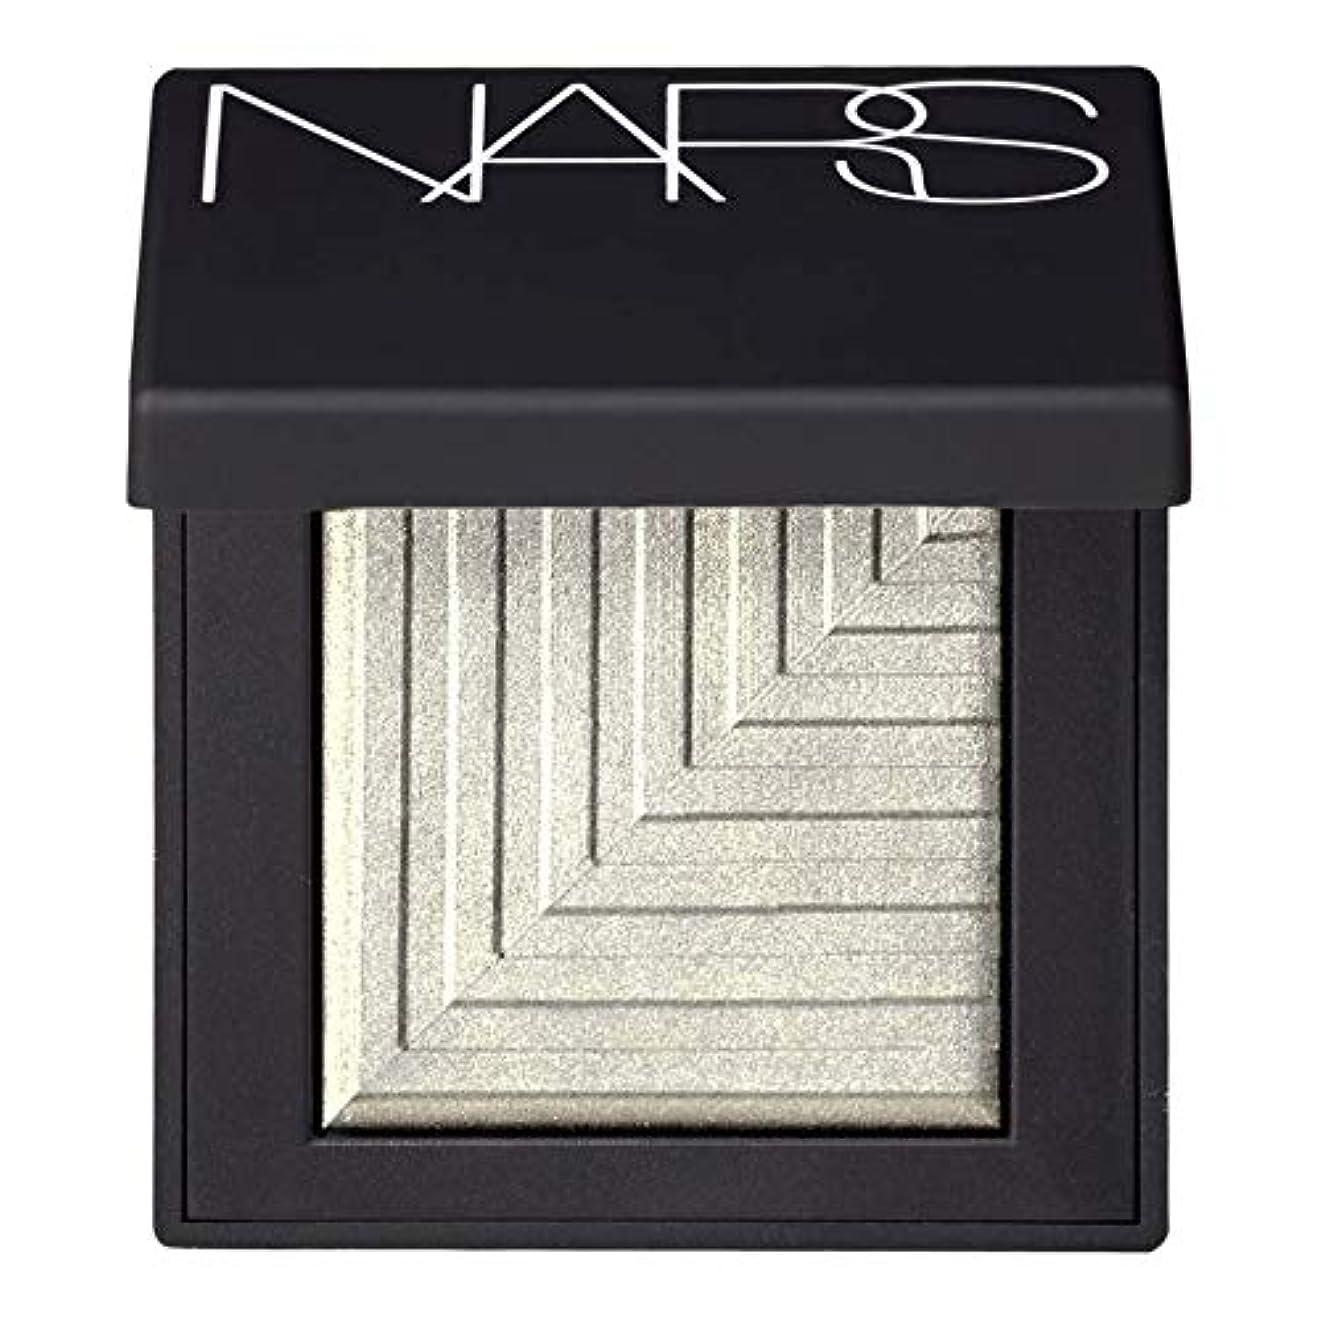 [NARS] Narはデュアル強度アイシャドウアンタレス - Nars Dual Intensity Eyeshadow Antares [並行輸入品]